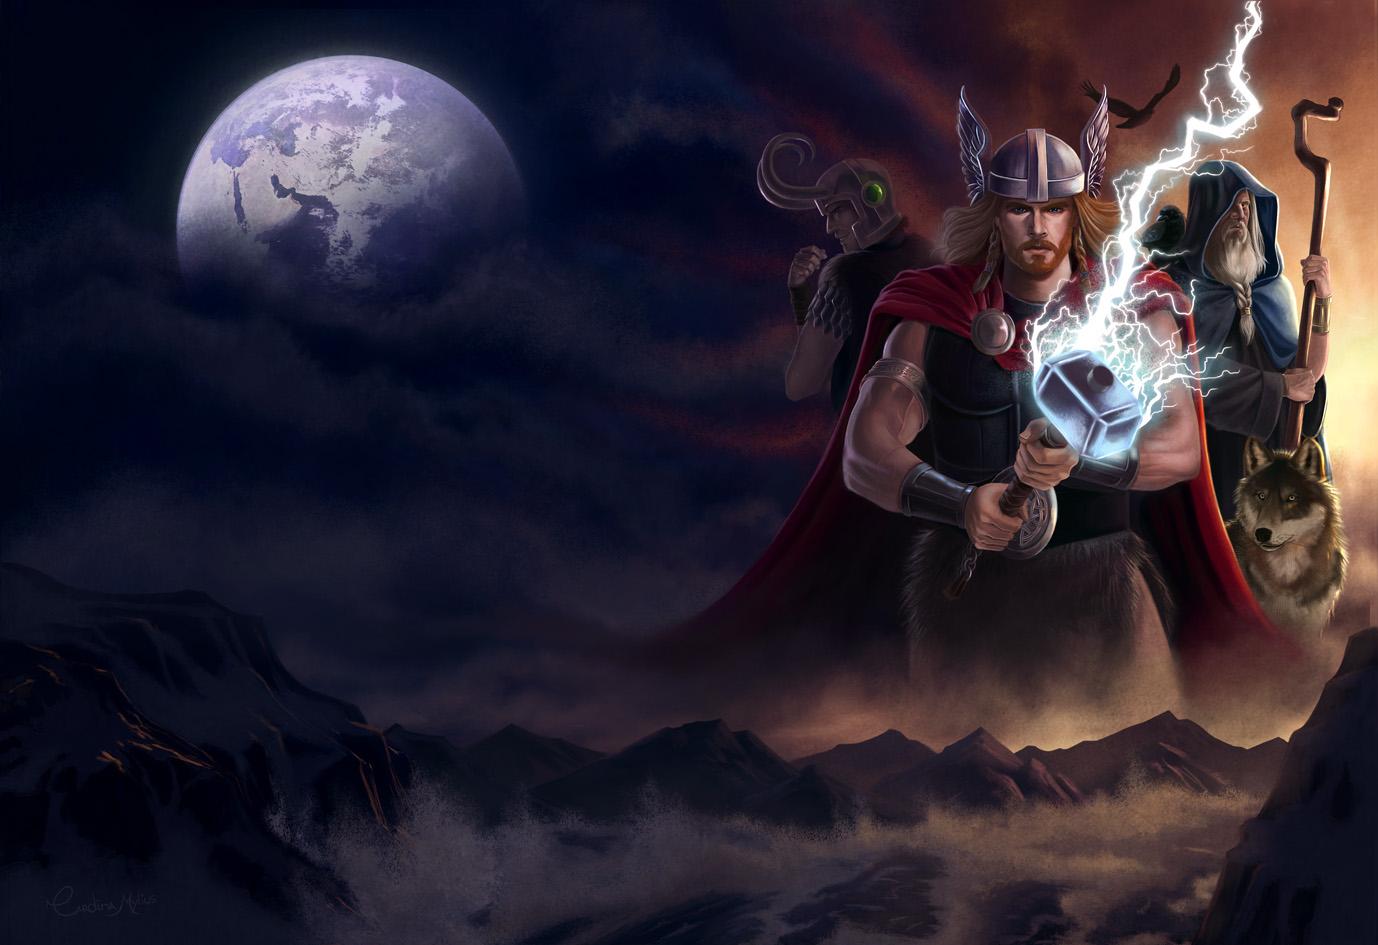 Ragnarok arena (ragnarok)